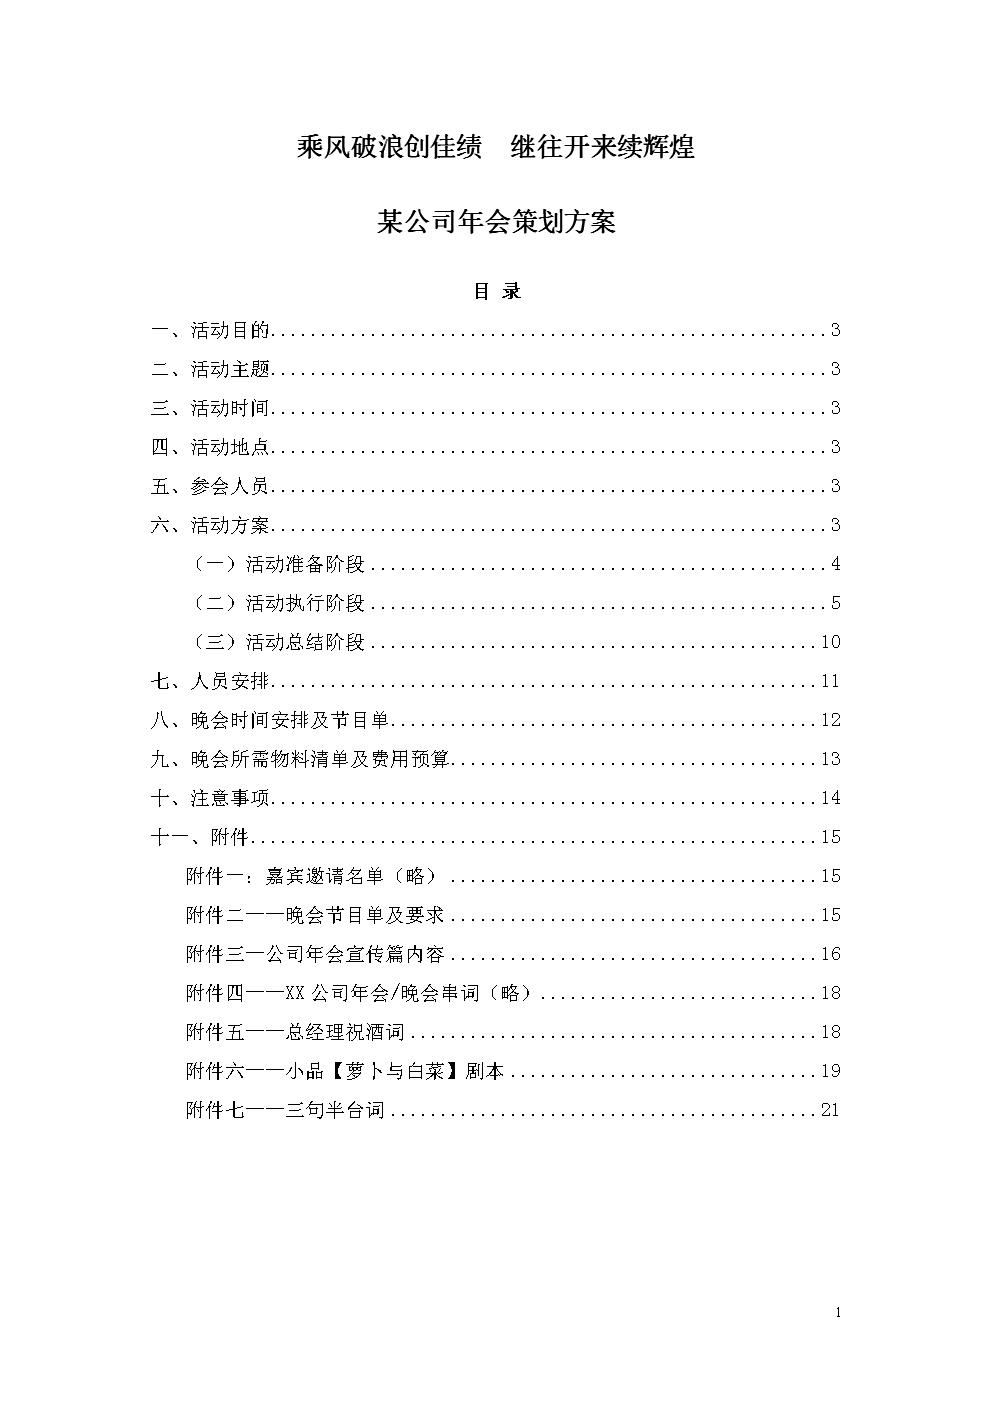 【实例】某公司年会策划方案.doc